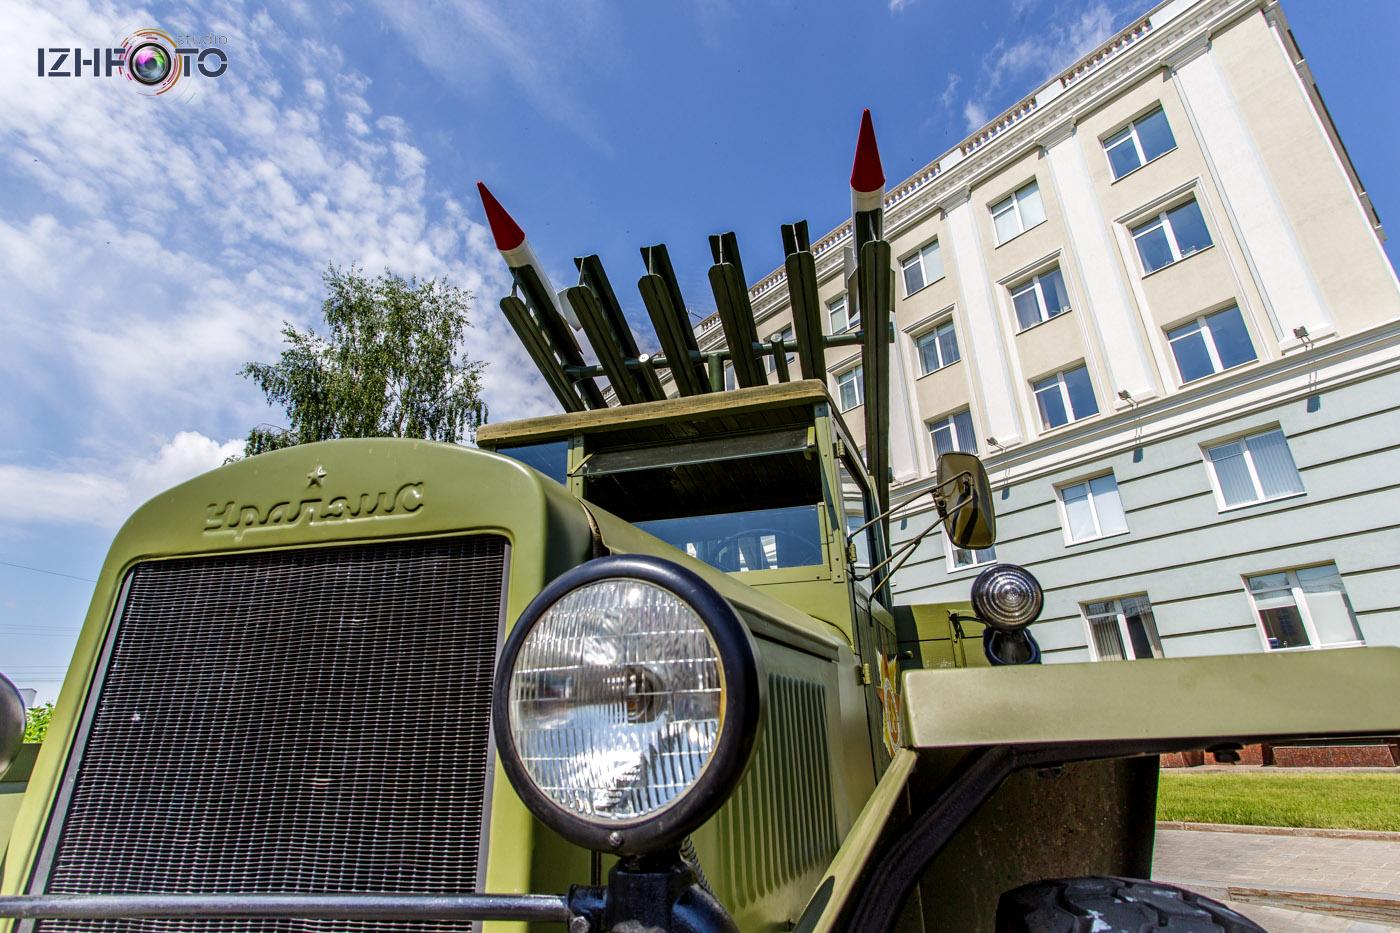 """""""Катюша"""" - бесствольная система полевой реактивной артиллерии"""